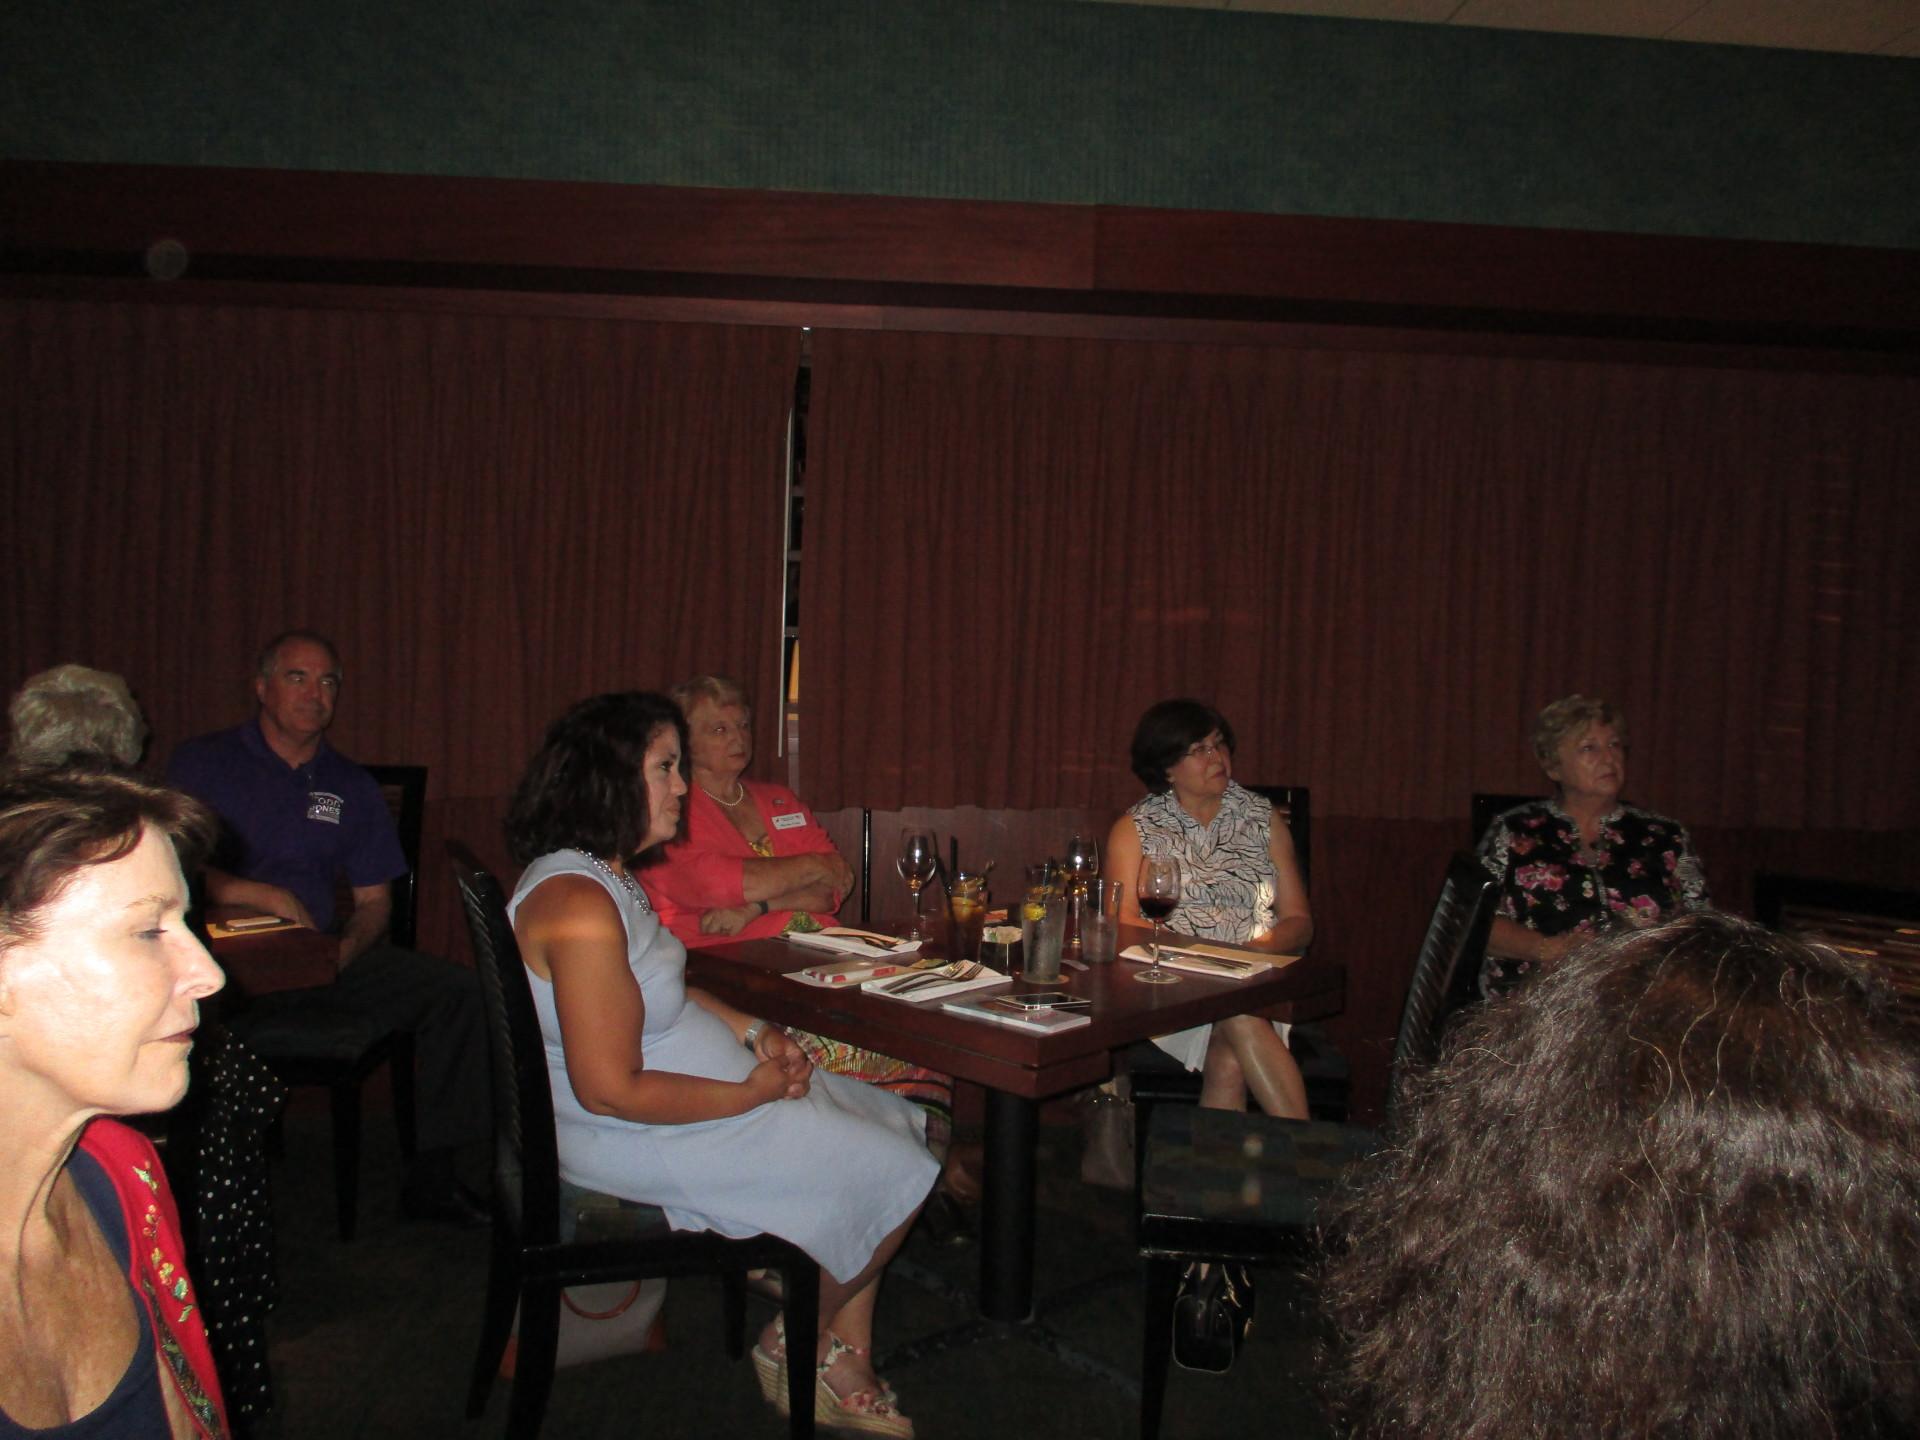 RPOF staff visit our meetings!